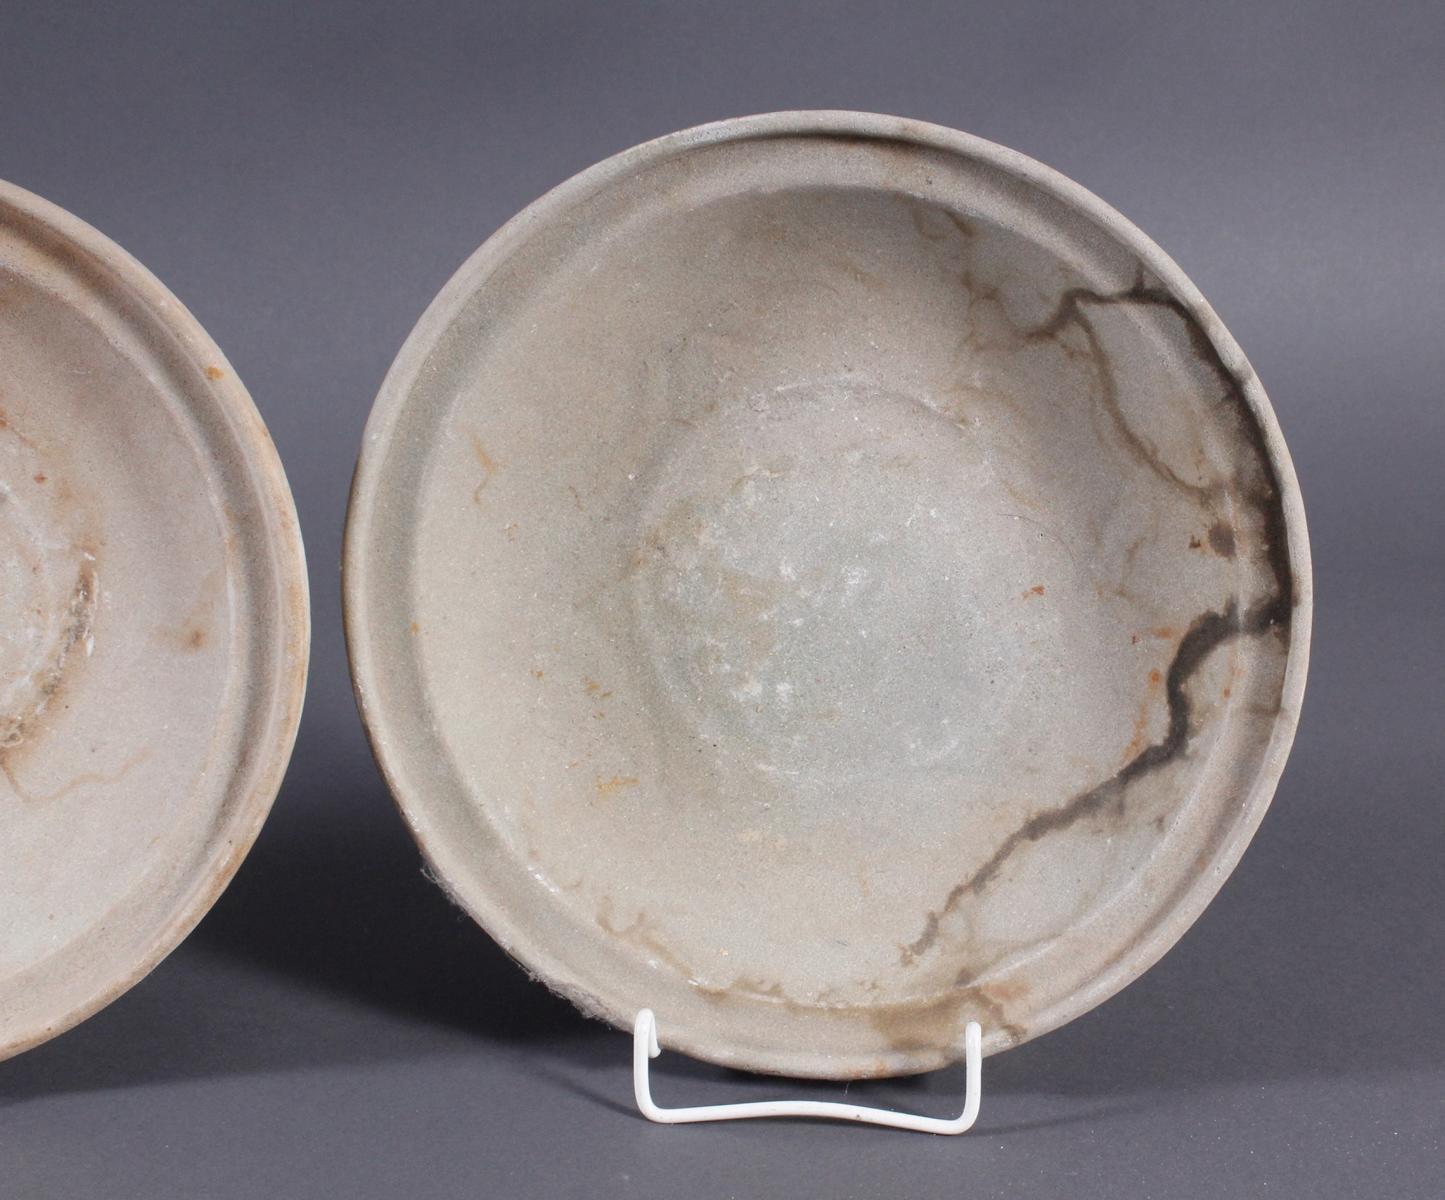 4 Teller, Ankor-Periode 12./13. Jahrhundert, Kambodscha-5